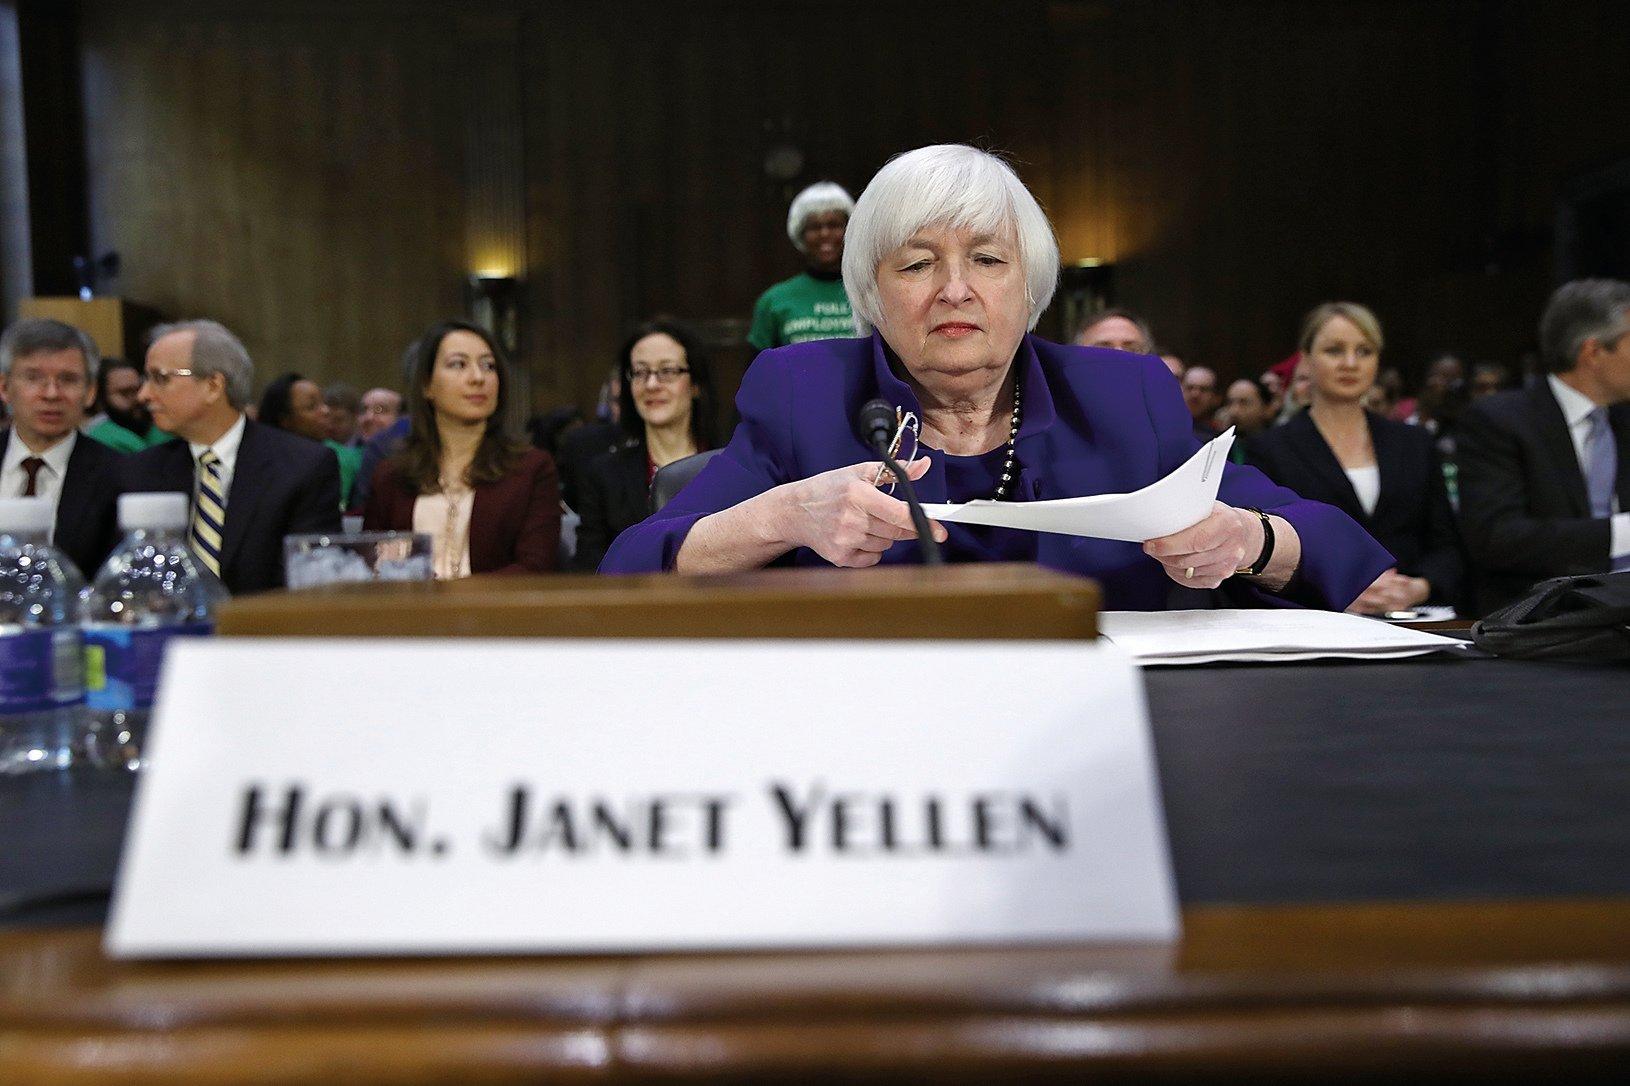 美聯儲主席耶倫14日出席國會聽證會時表示,在經濟持續增長及通貨膨脹上升之際,如果拖延加息時機,將是「不明智的」決定。(Win McNamee/Getty Images)